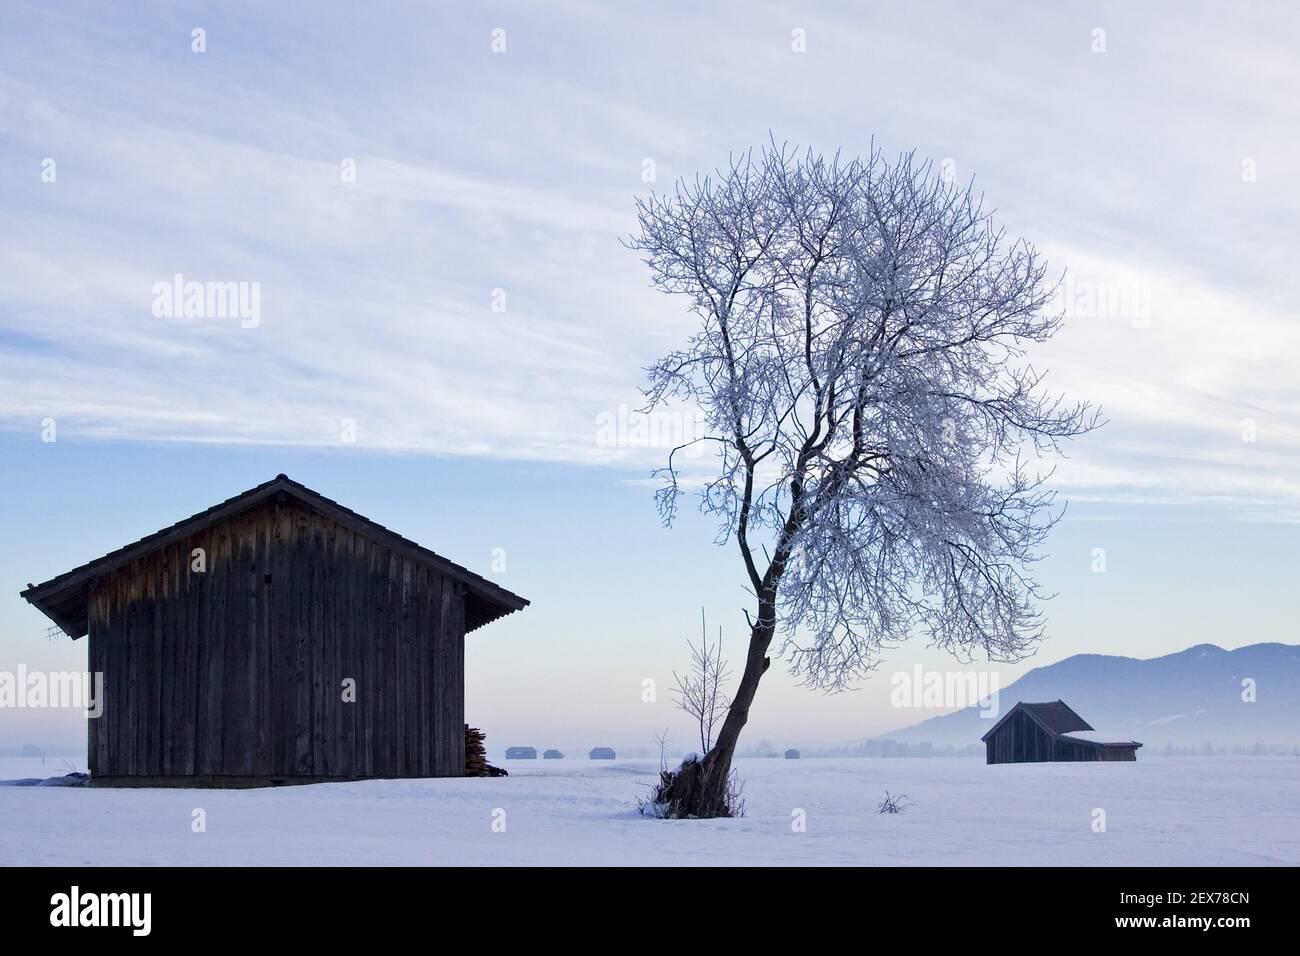 Lever de soleil givré et brumeux sur le plateau alpin, Kochelsee, Bavière forte gelée dans les arbres, lever de soleil givré et brumeux dans la ba Banque D'Images